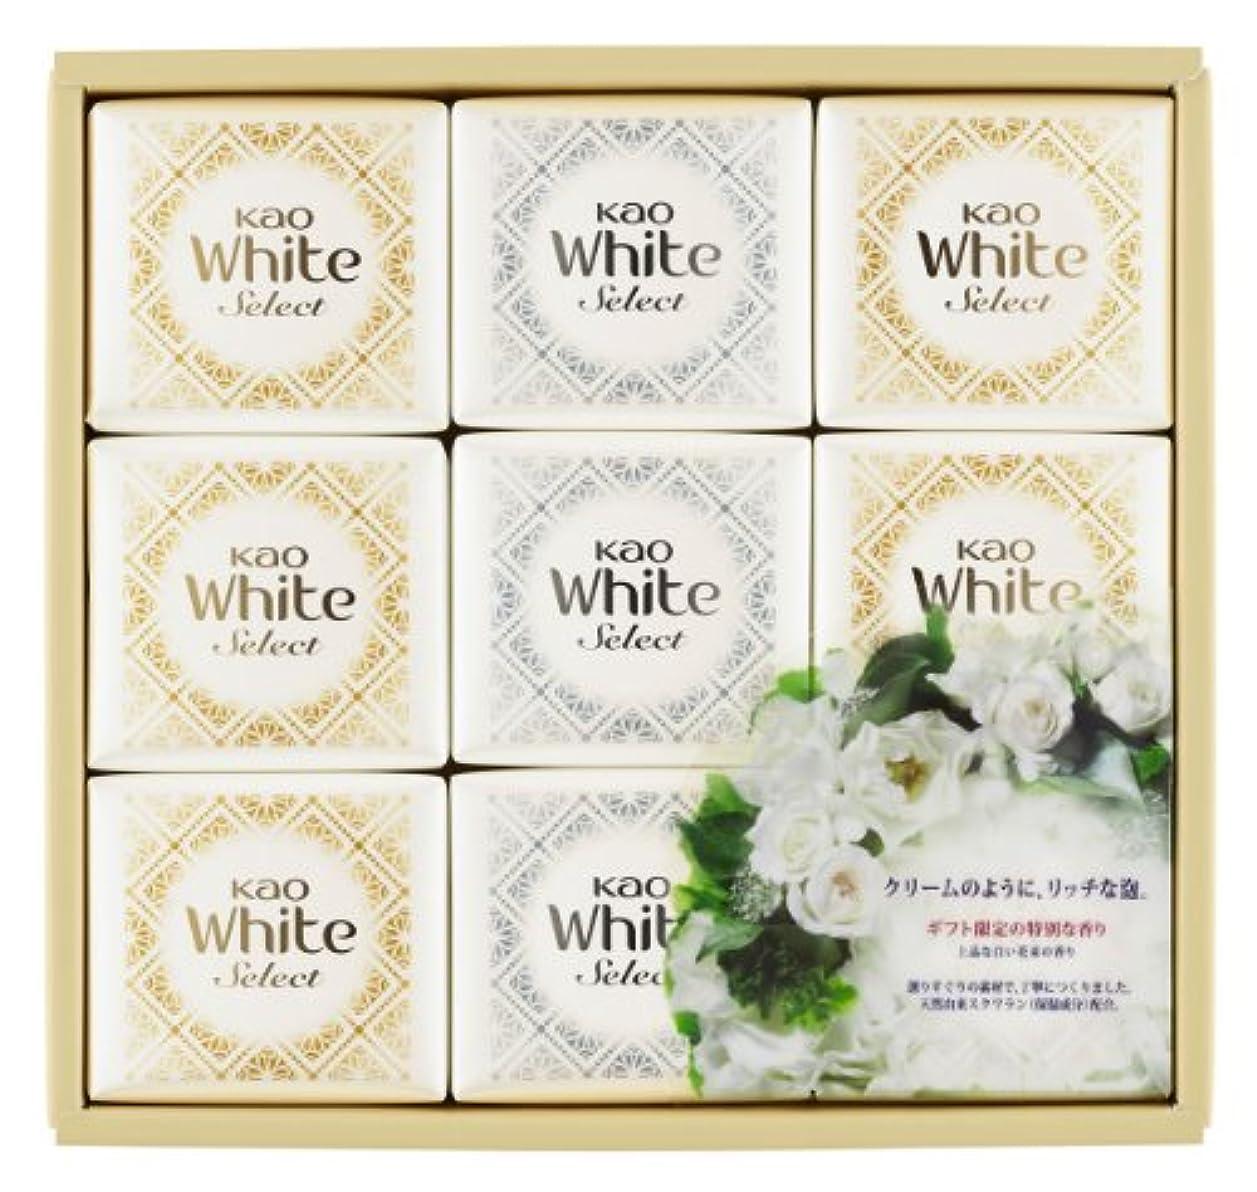 農奴先史時代のキャンパス花王ホワイト セレクト 上品な白い花束の香り 85g 9コ K?WS-15